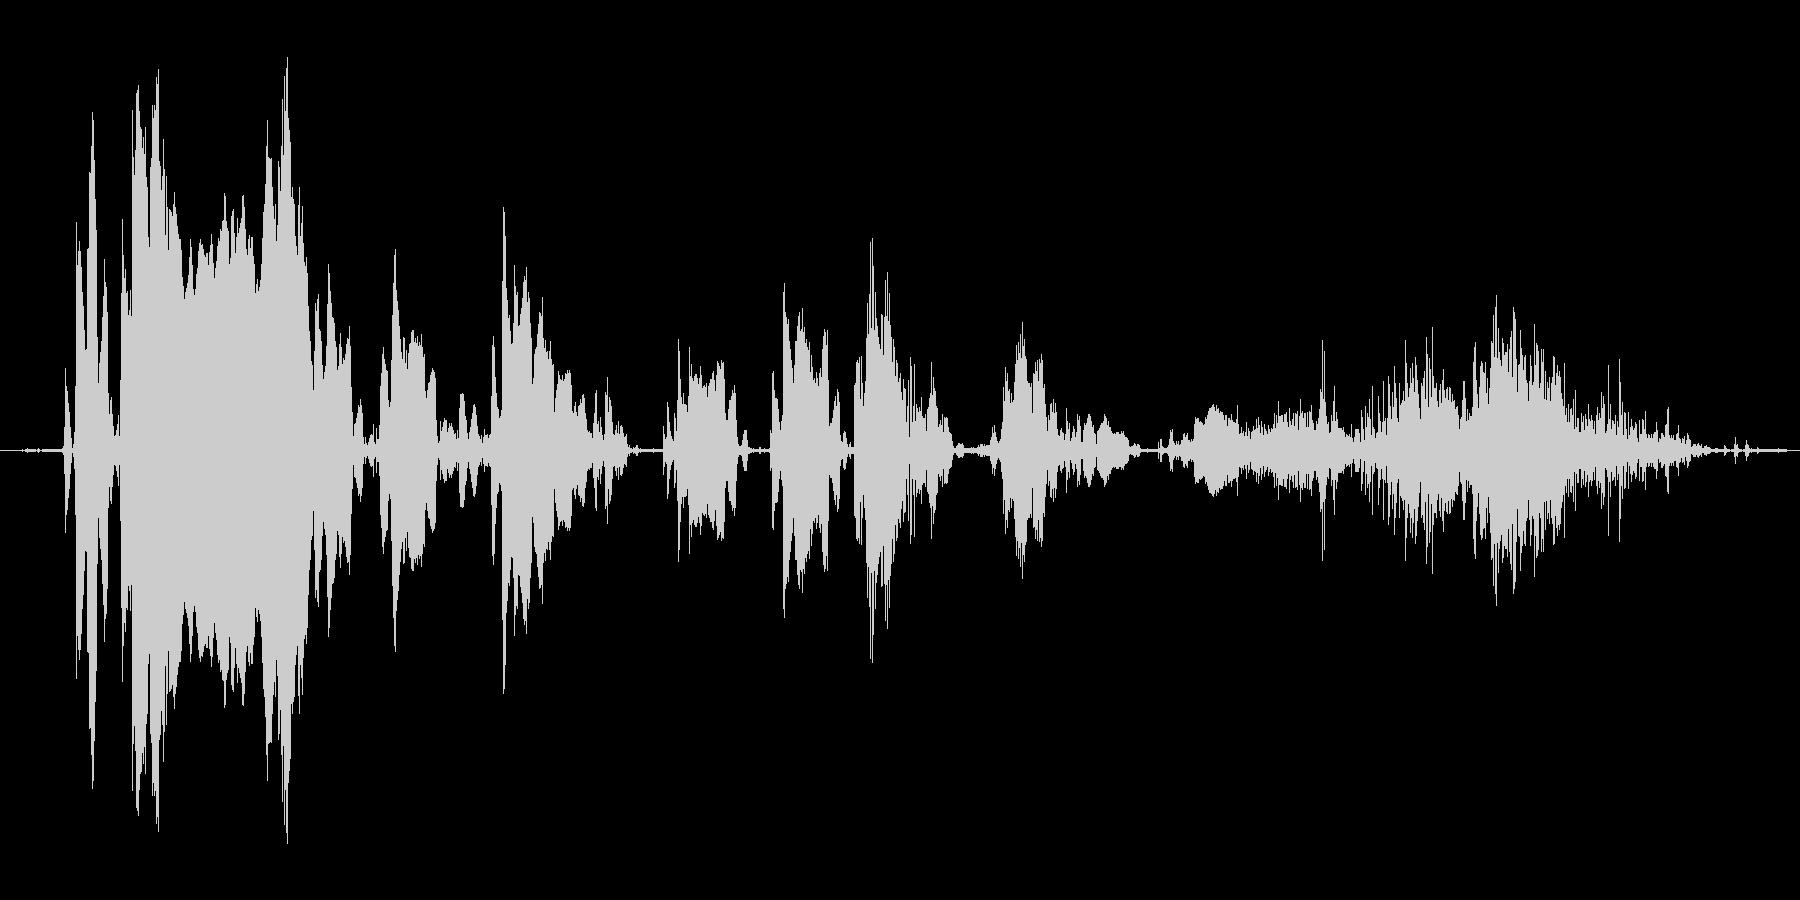 (おばけの鳴き声)の未再生の波形